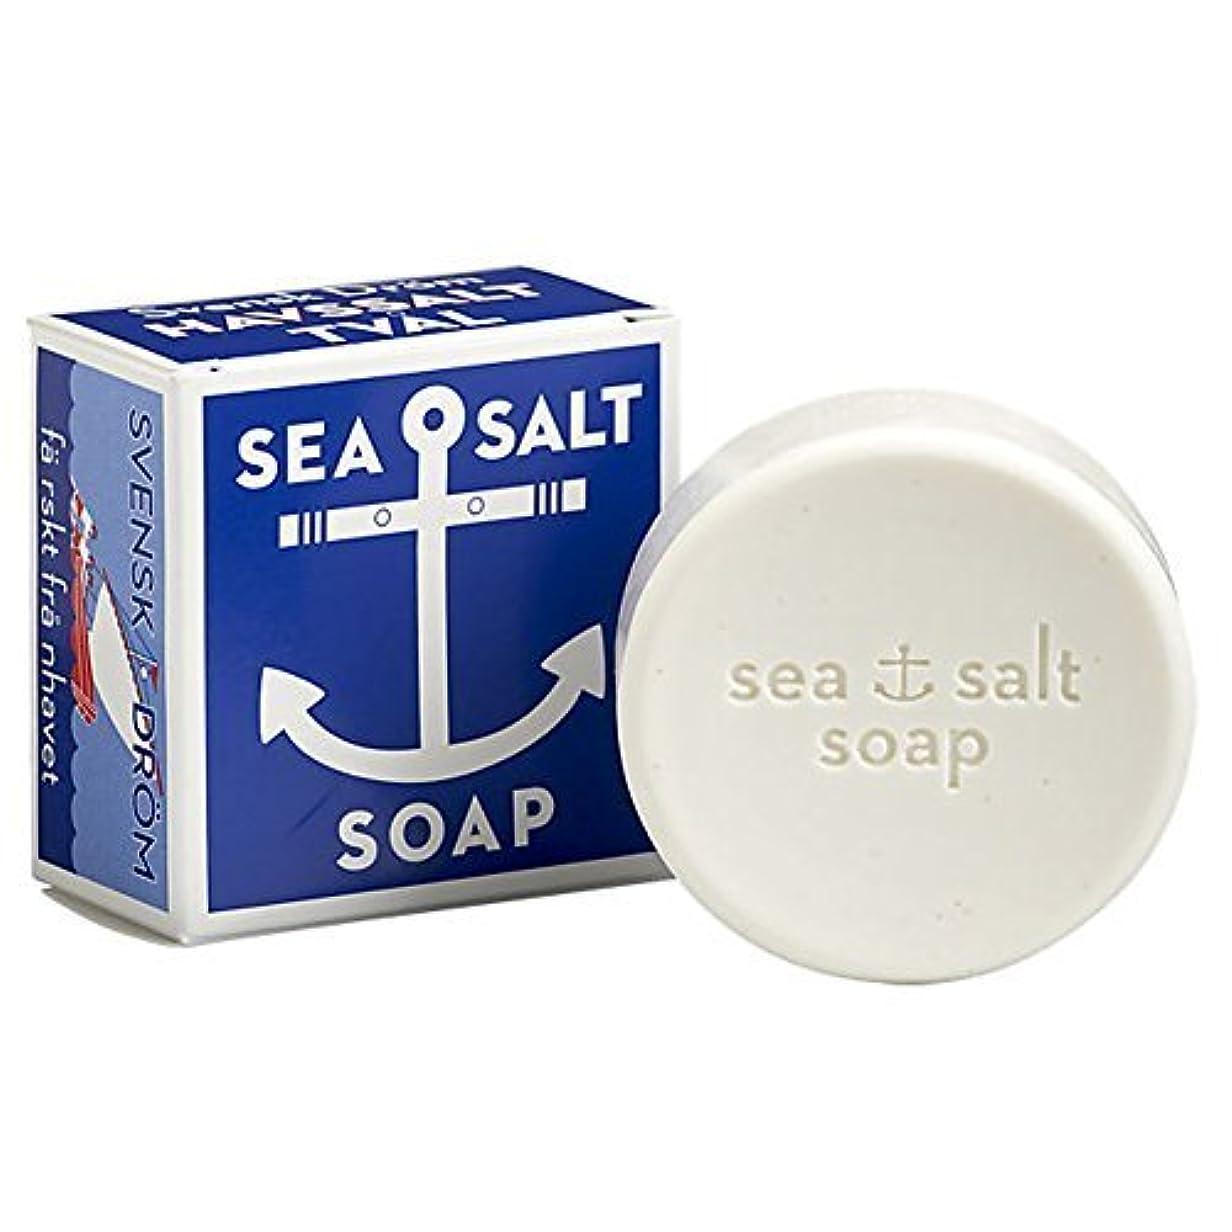 崖言う発表Swedish Dream Sea Salt Invigorating Bath Soap - One 4.3 oz Bar by Swedish Dream [並行輸入品]